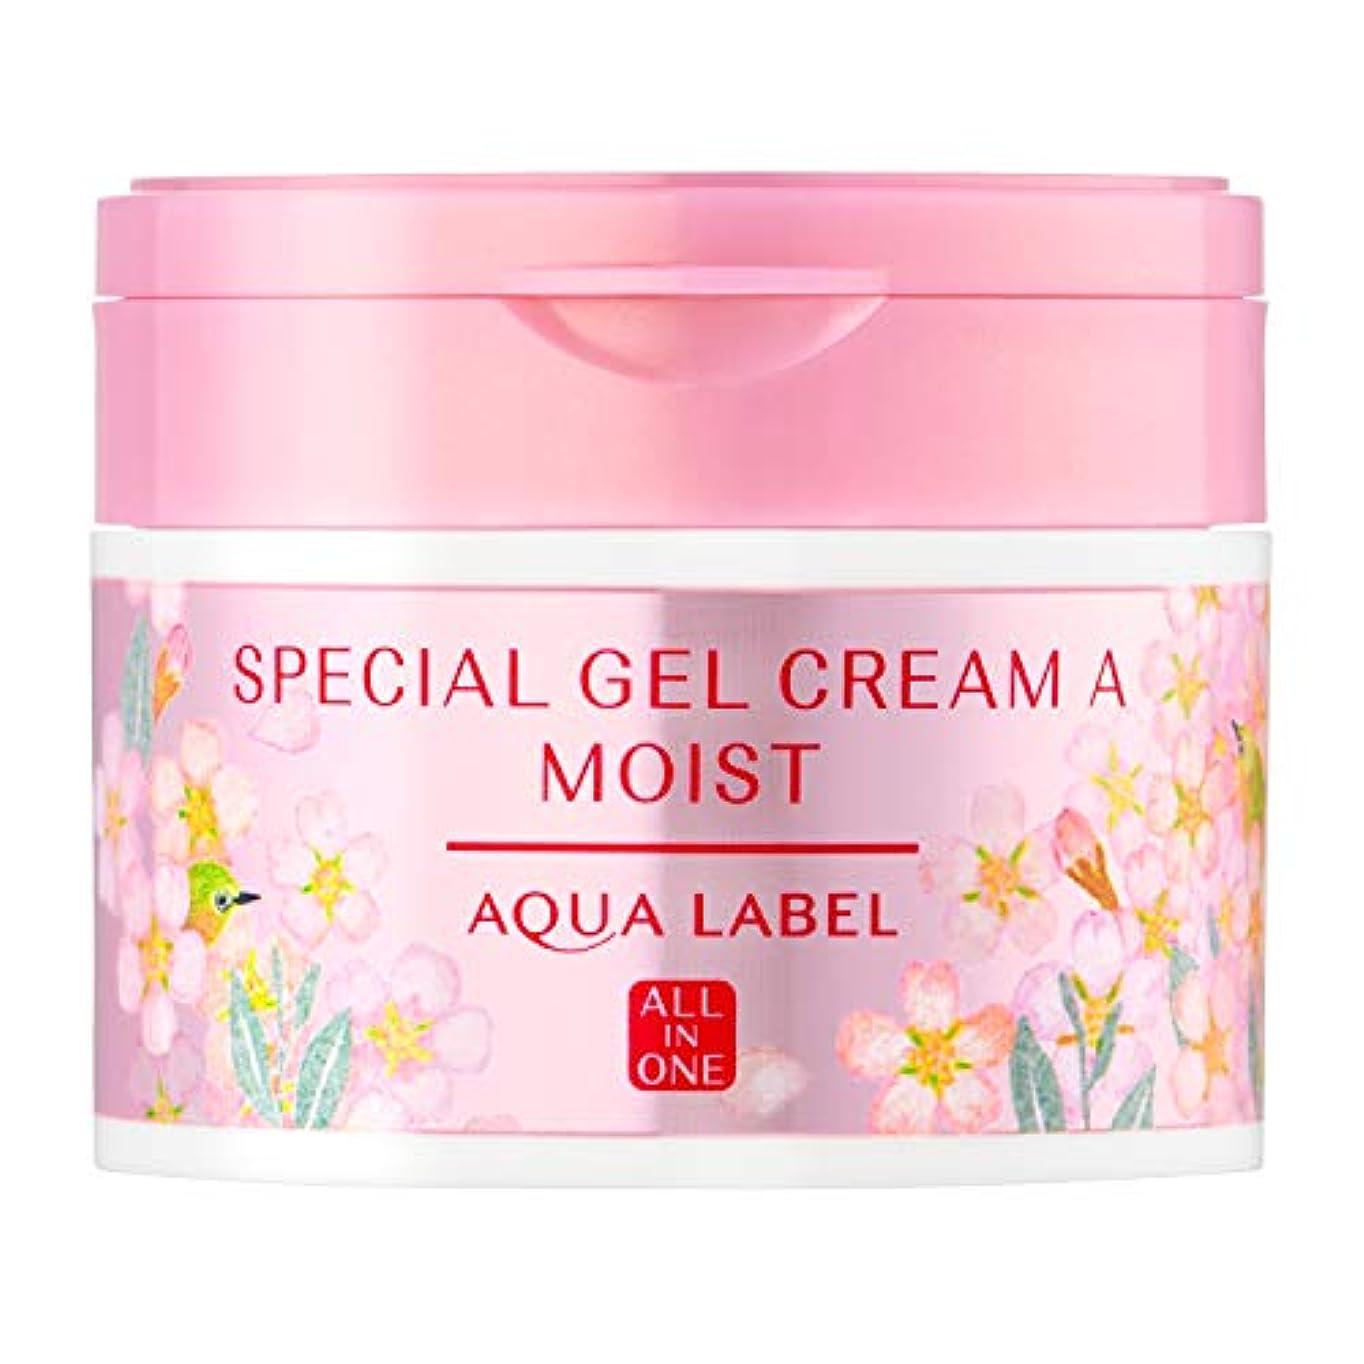 入植者うんざりばかげたアクアレーベル スペシャルジェルクリームA (モイスト) 桜の香り 90g